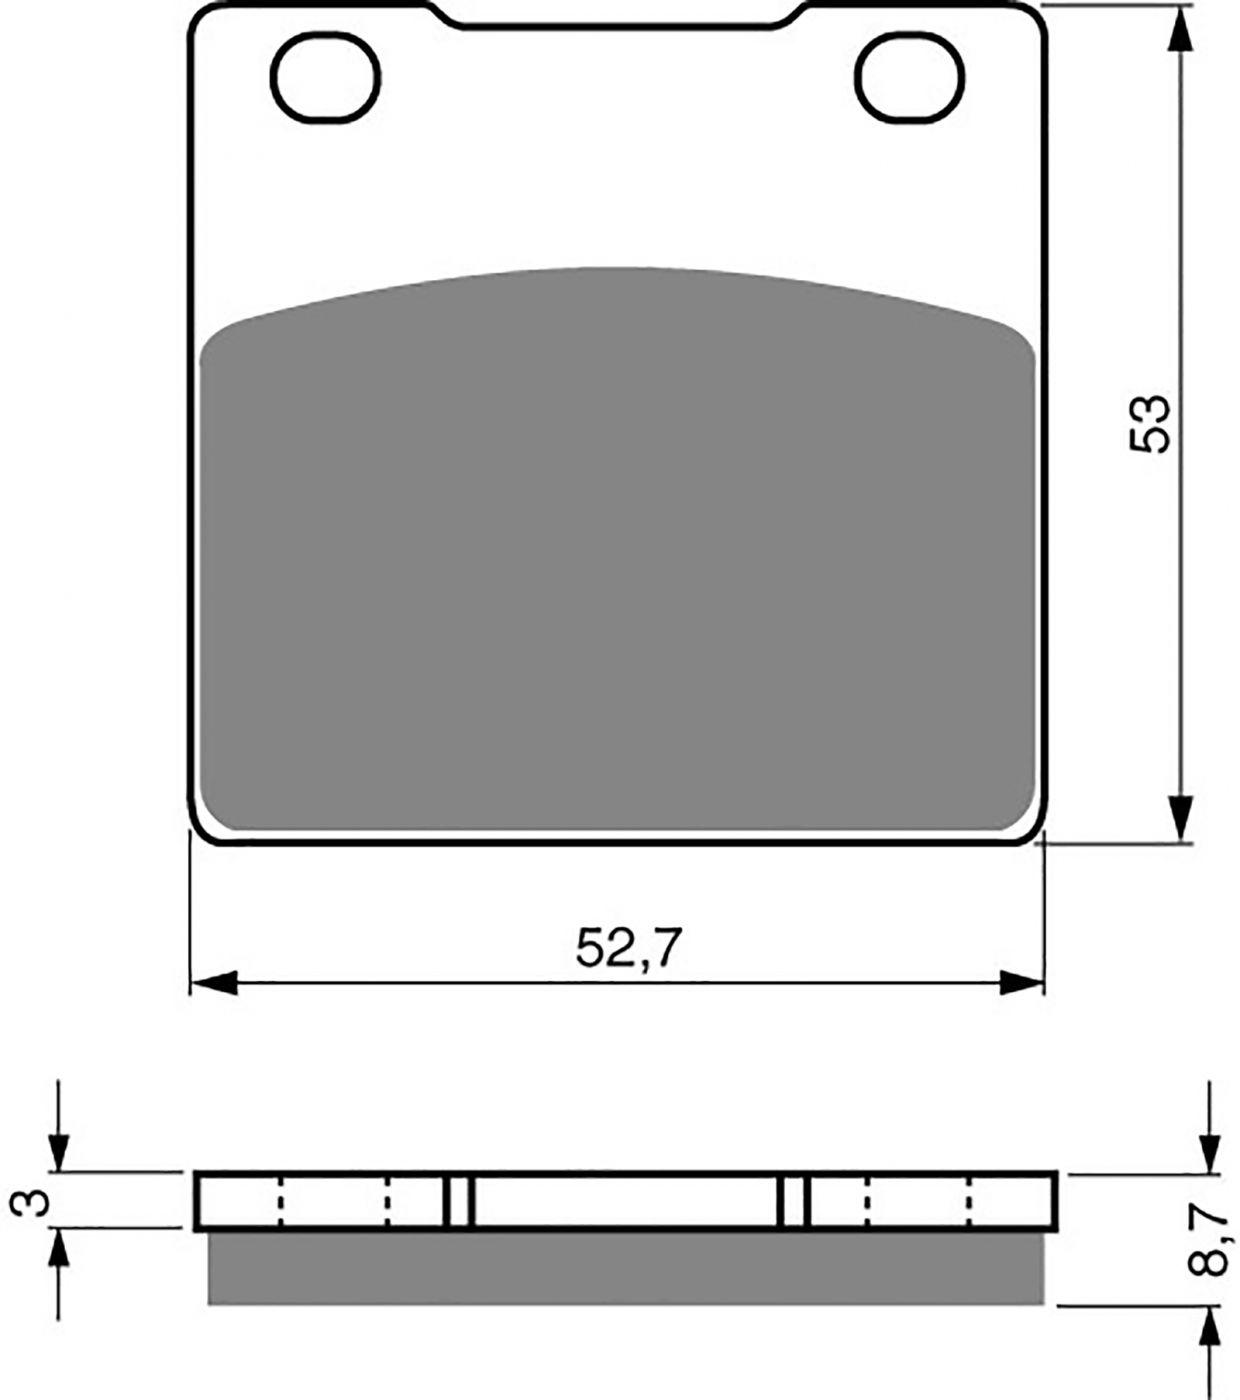 goldfren ad brake pads - 700016GA image